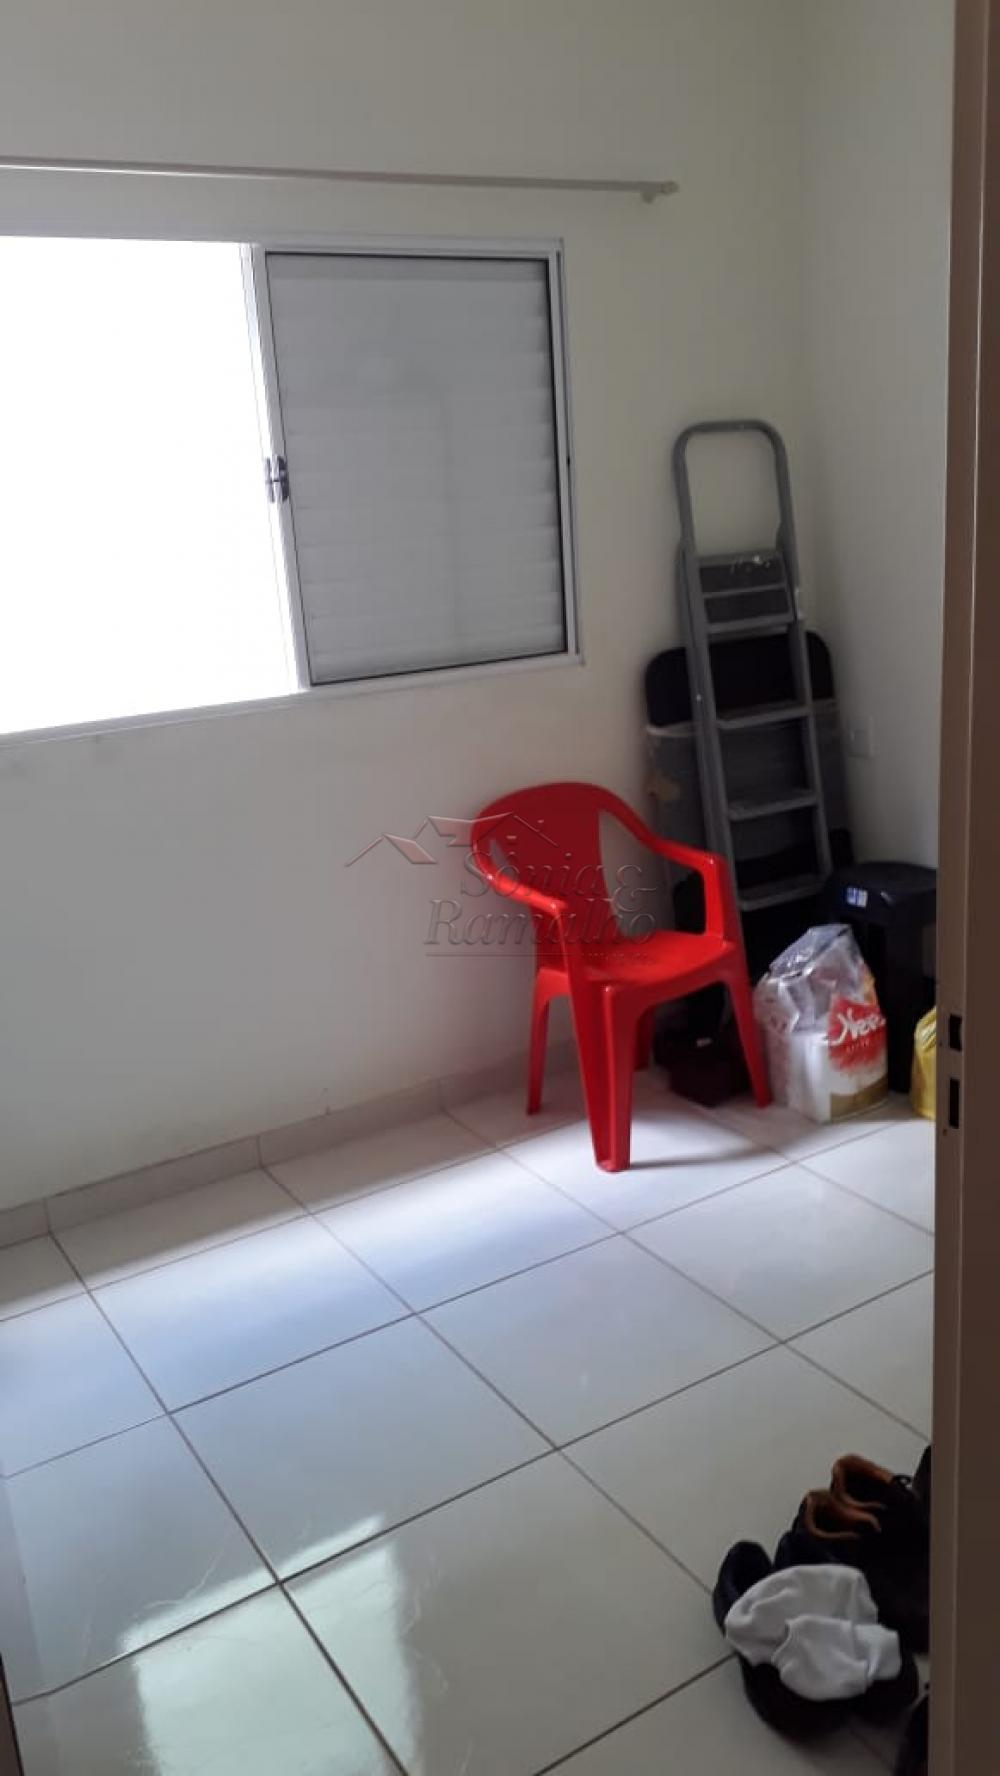 Comprar Casas / Padrão em Ribeirão Preto apenas R$ 265.000,00 - Foto 2